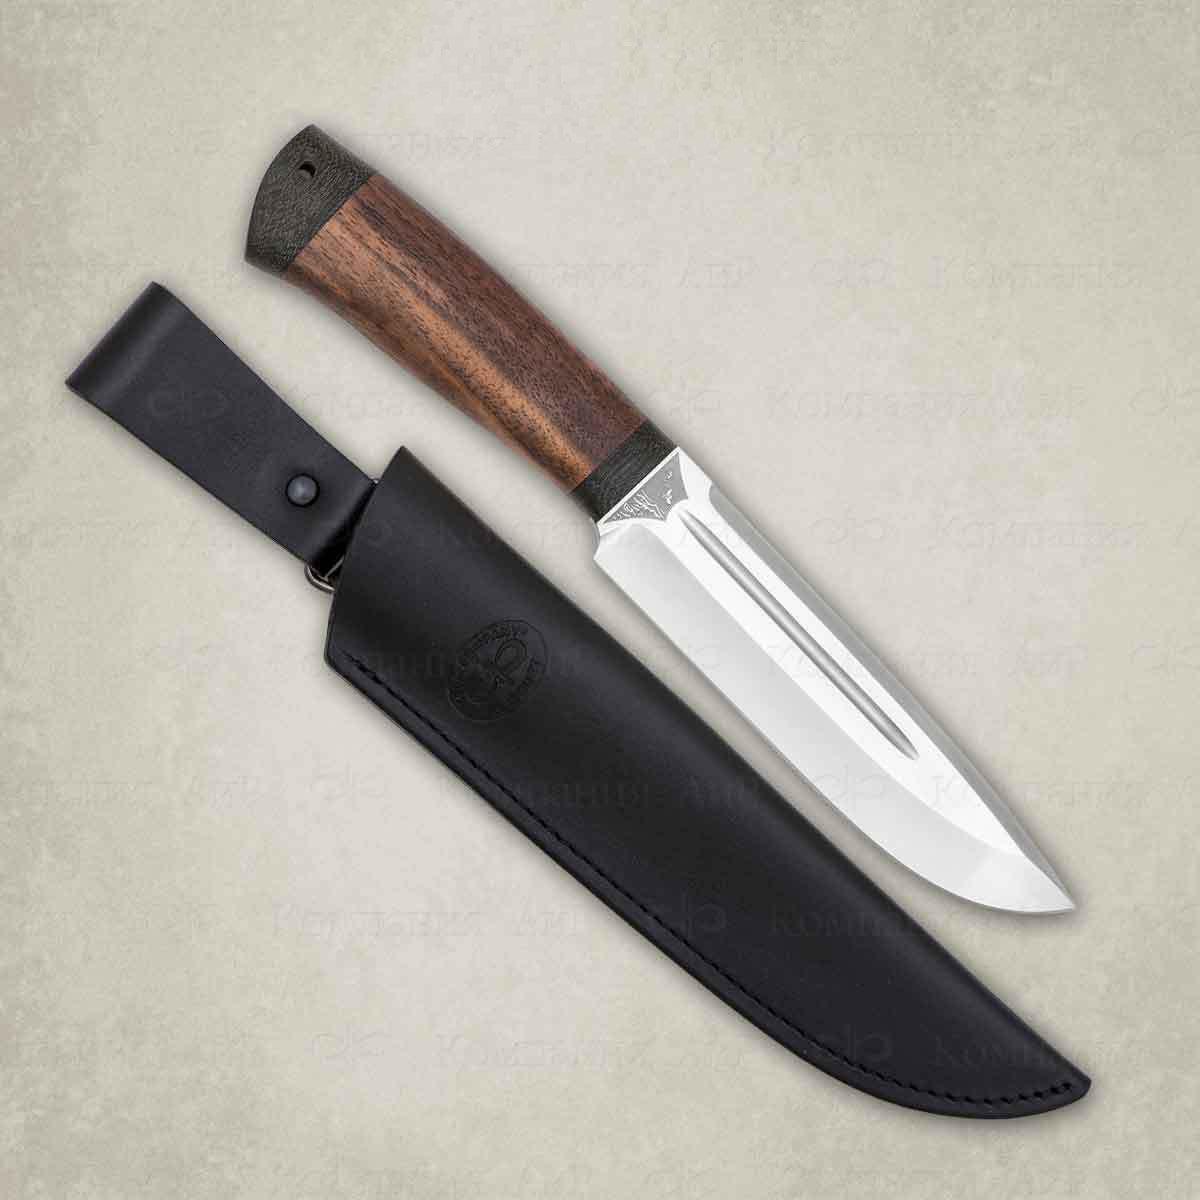 Нож разделочный АиР Селигер, сталь ЭП-766, рукоять дерево нож аир хазар сталь эп 766 рукоять дерево